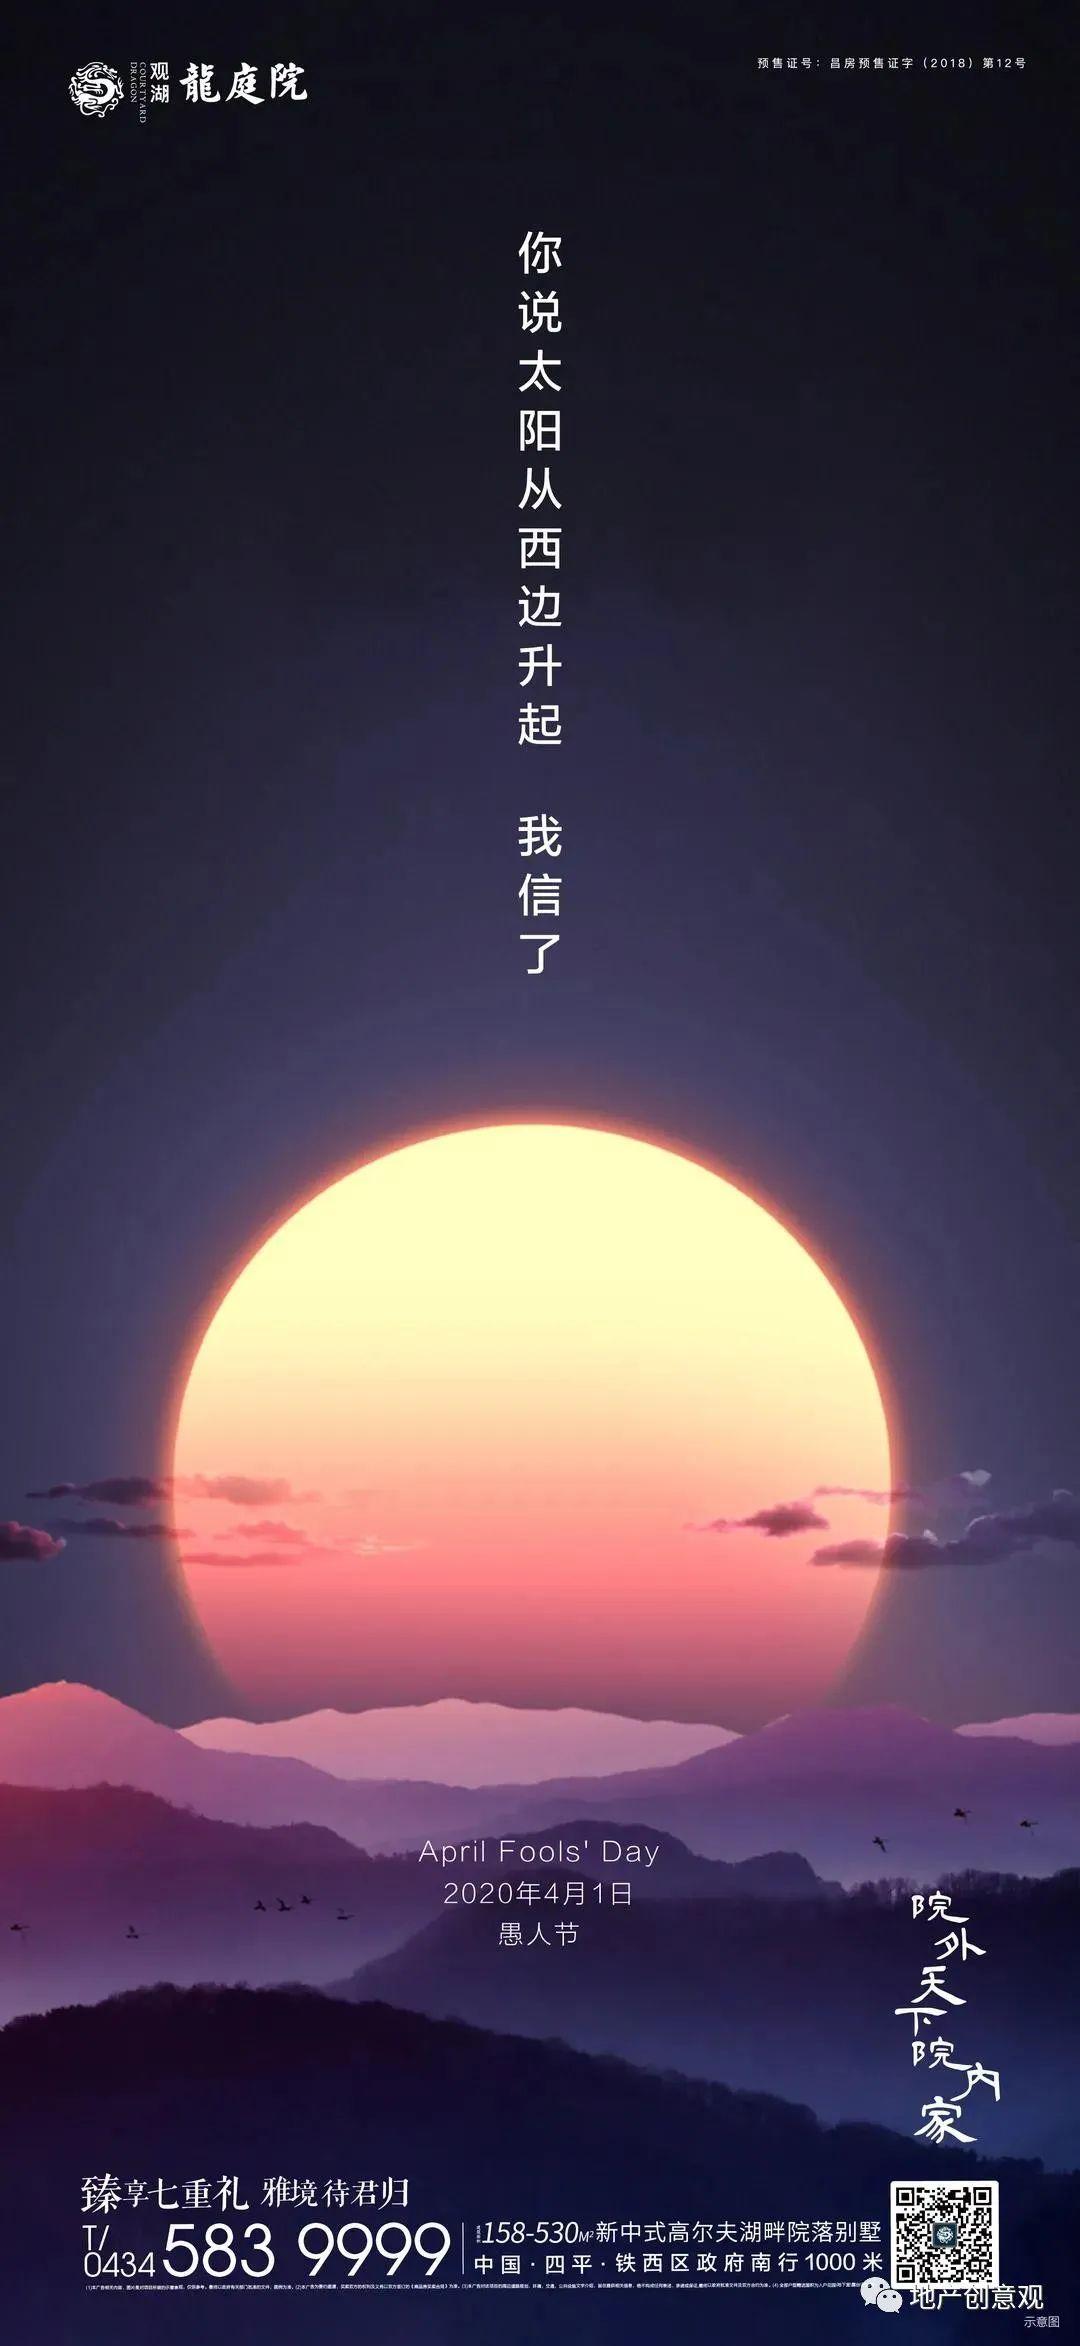 地产广告丨2021愚人节借势海报文案欣赏~插图94